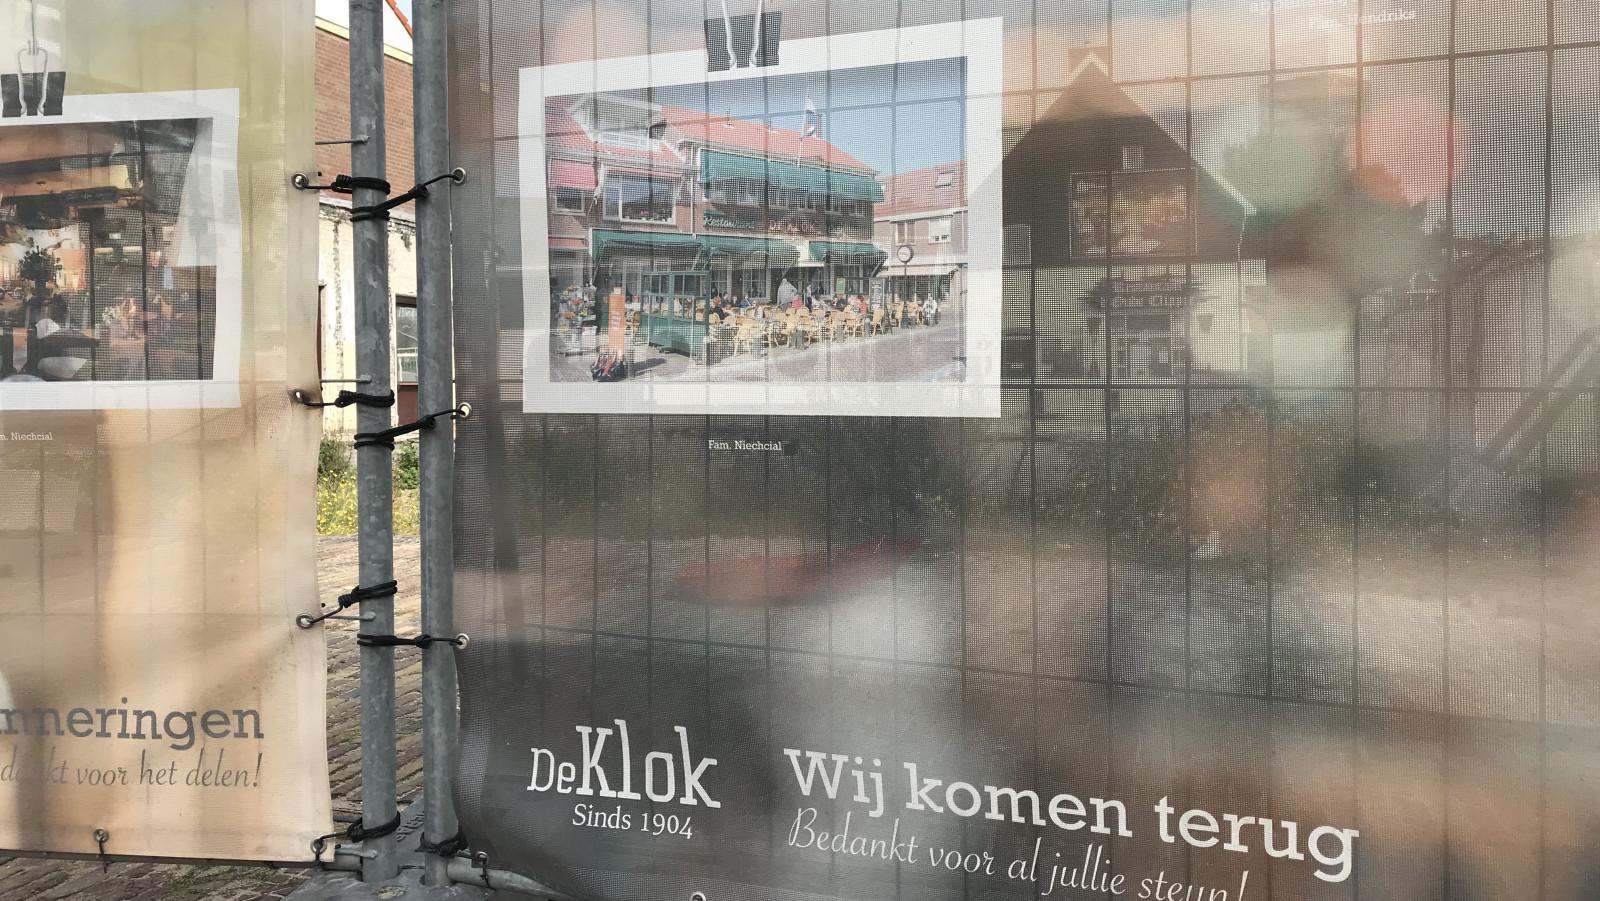 NH Nieuws / Anne Klijnstra